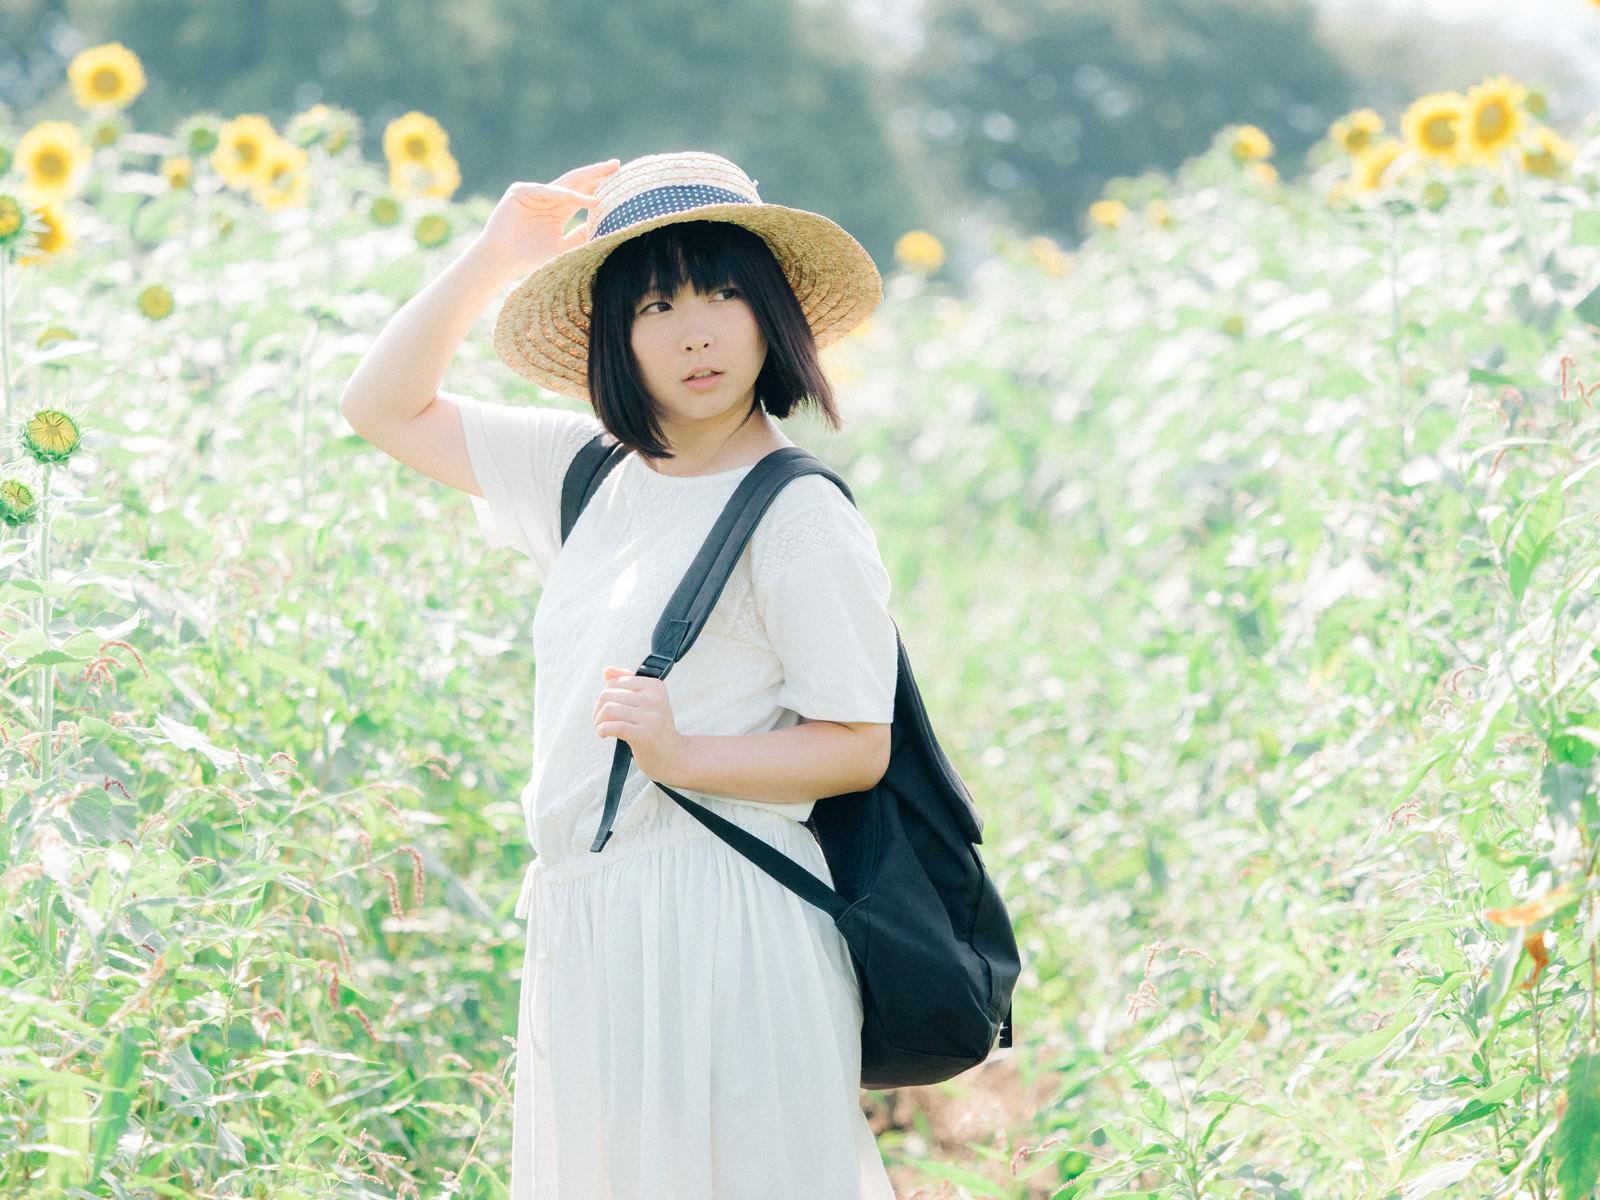 「ひまわりと夏の思い出」の写真[モデル:にゃるる]